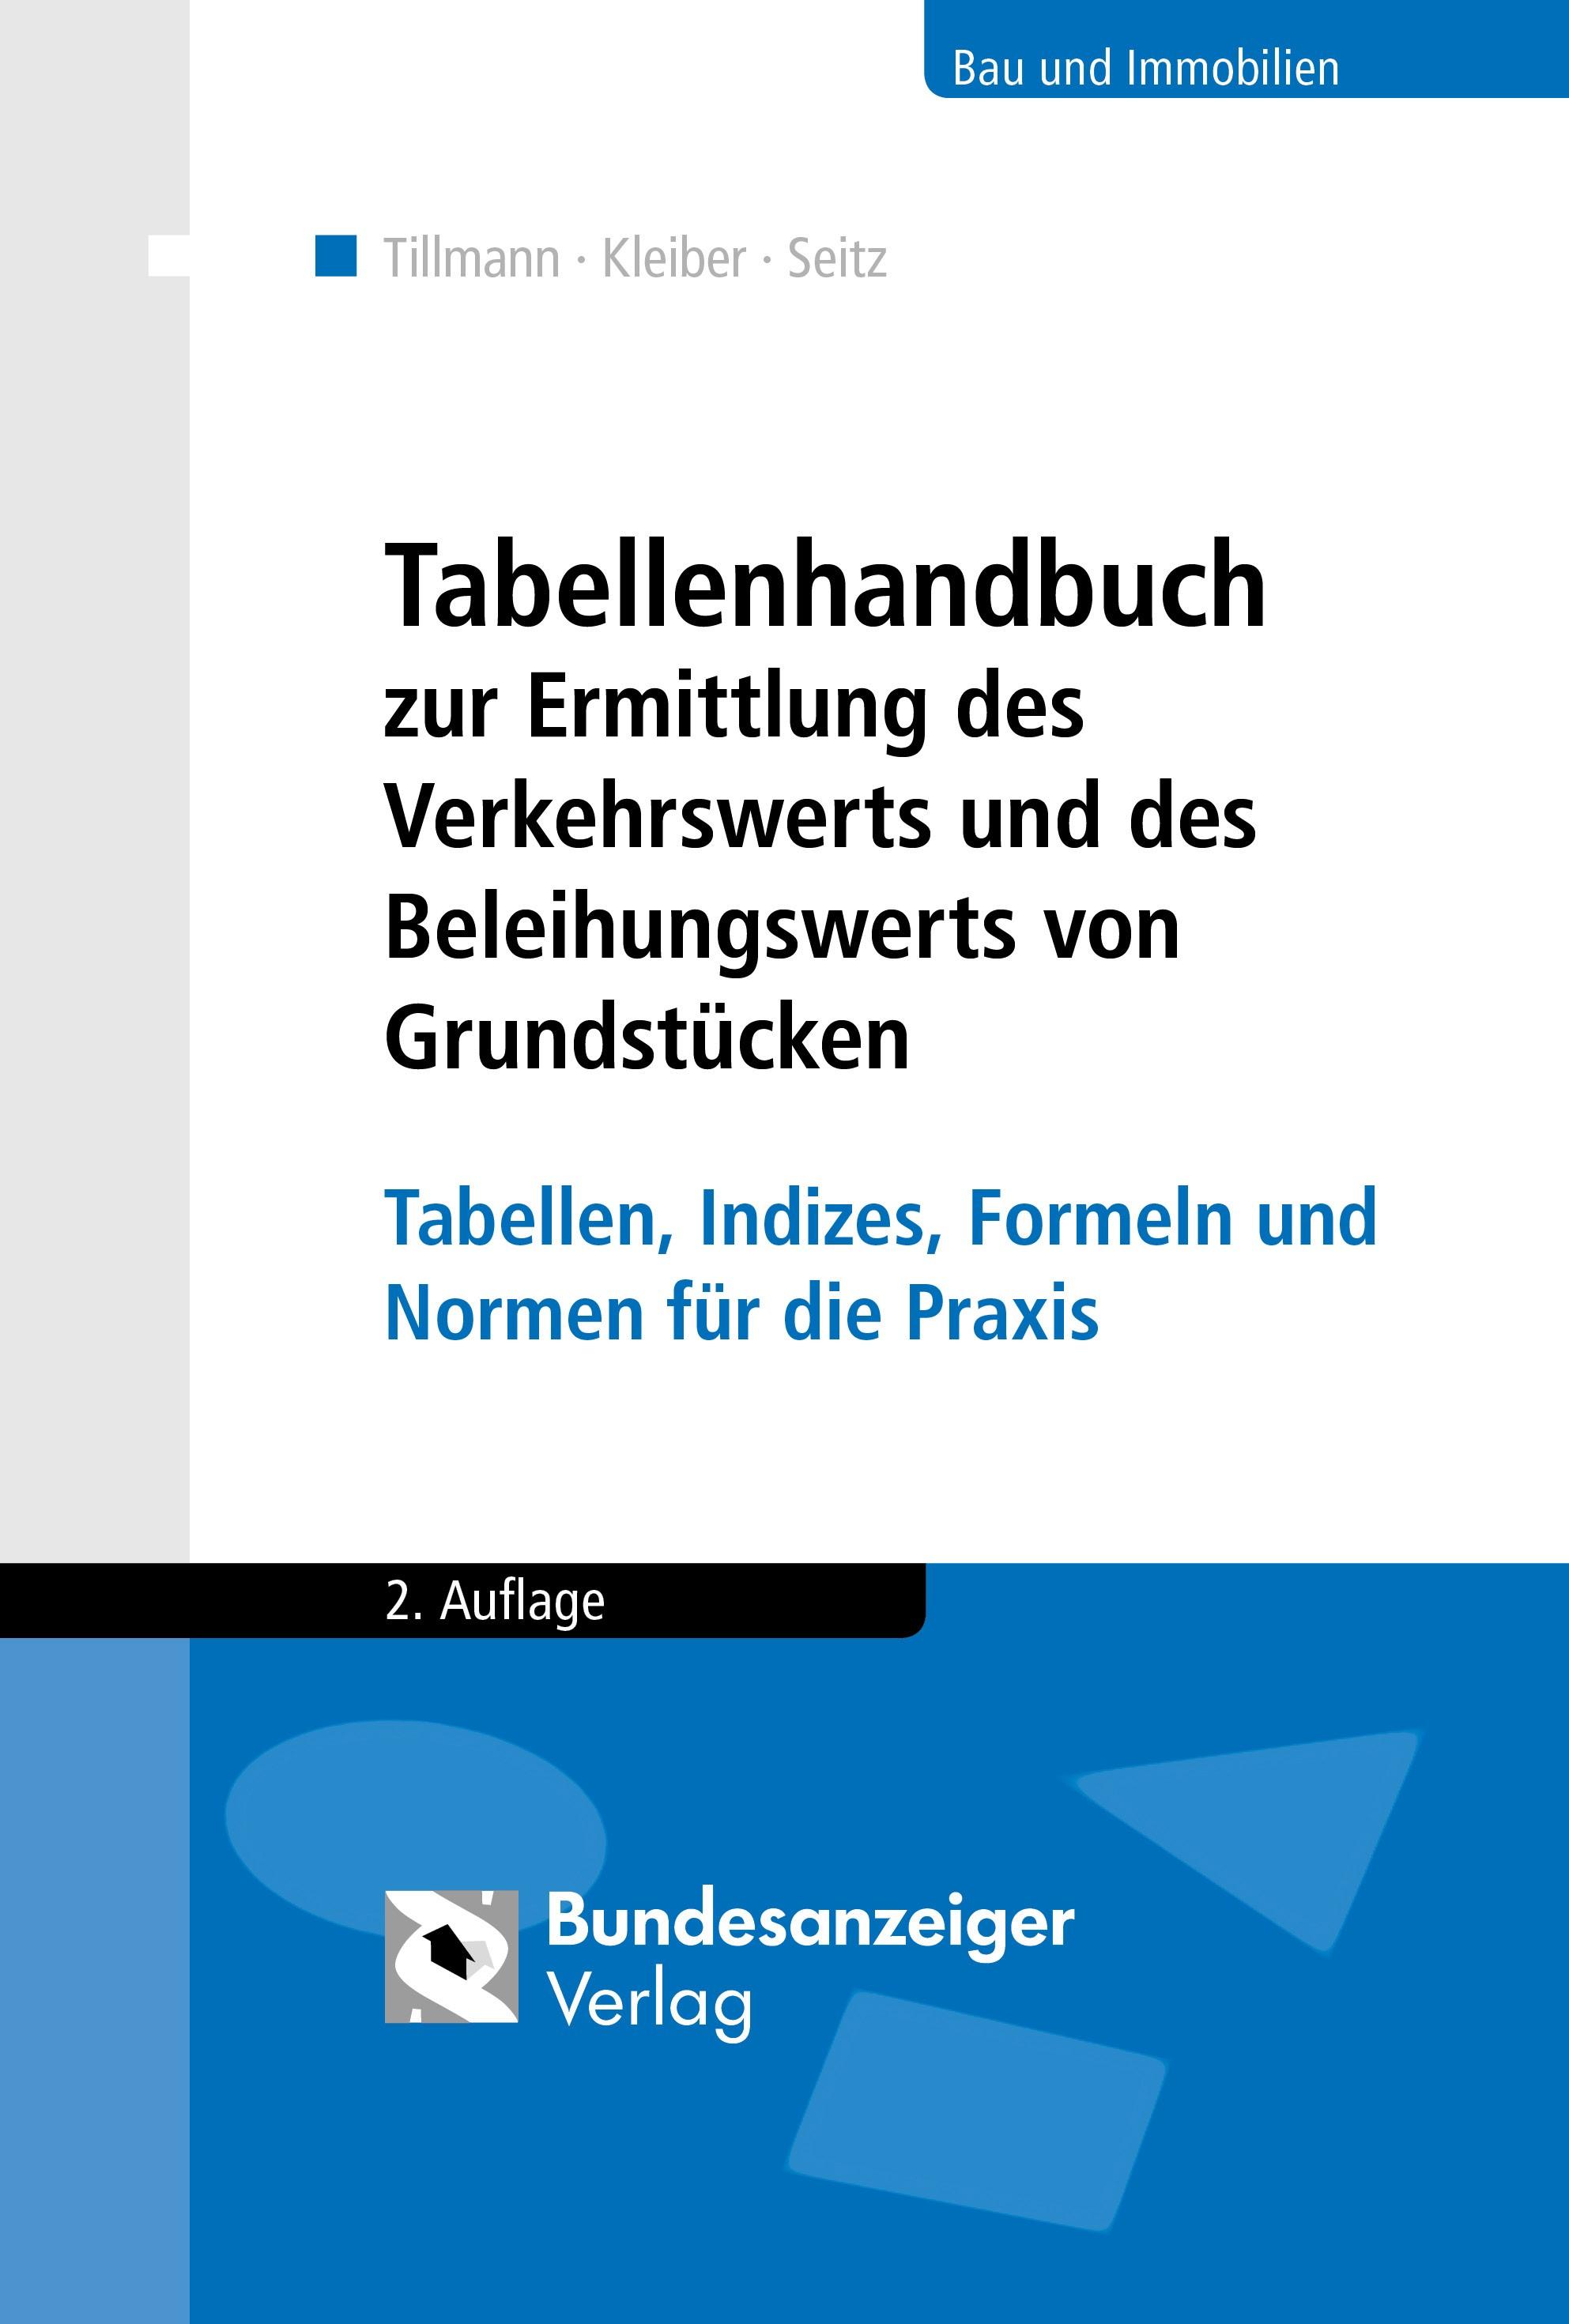 Tabellenhandbuch zur Ermittlung des Verkehrswerts und des Beleihungswerts | Tillmann / Kleiber / Seitz | 2., überarbeitete Auflage, 2017 | Buch (Cover)